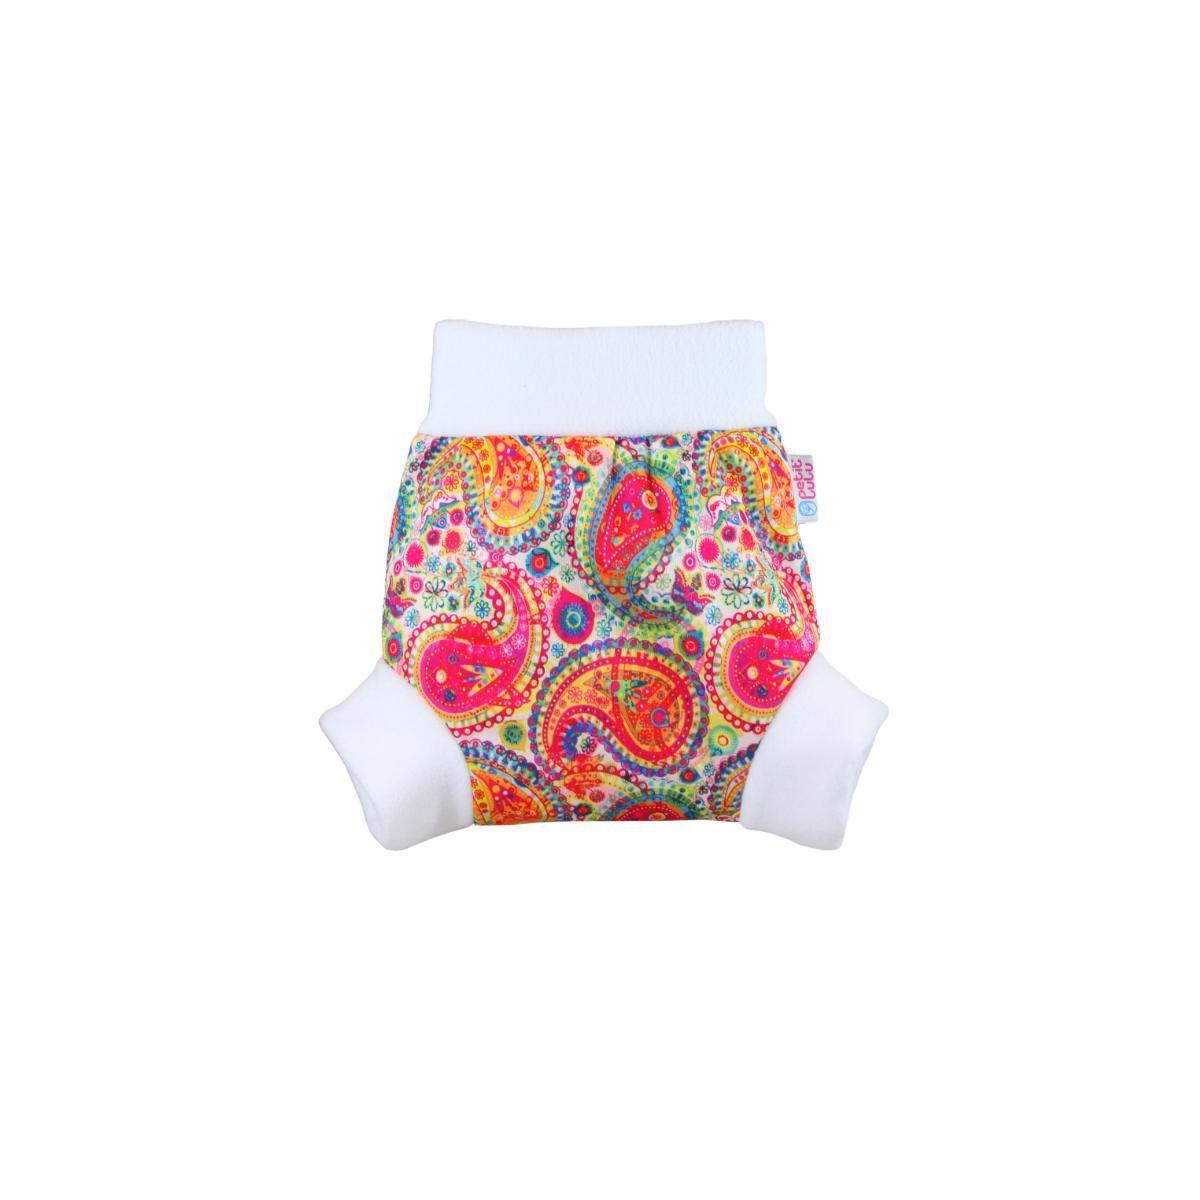 Petit Lulu Barevný Orient pull-up svrchní kalhotky 1 ks, M